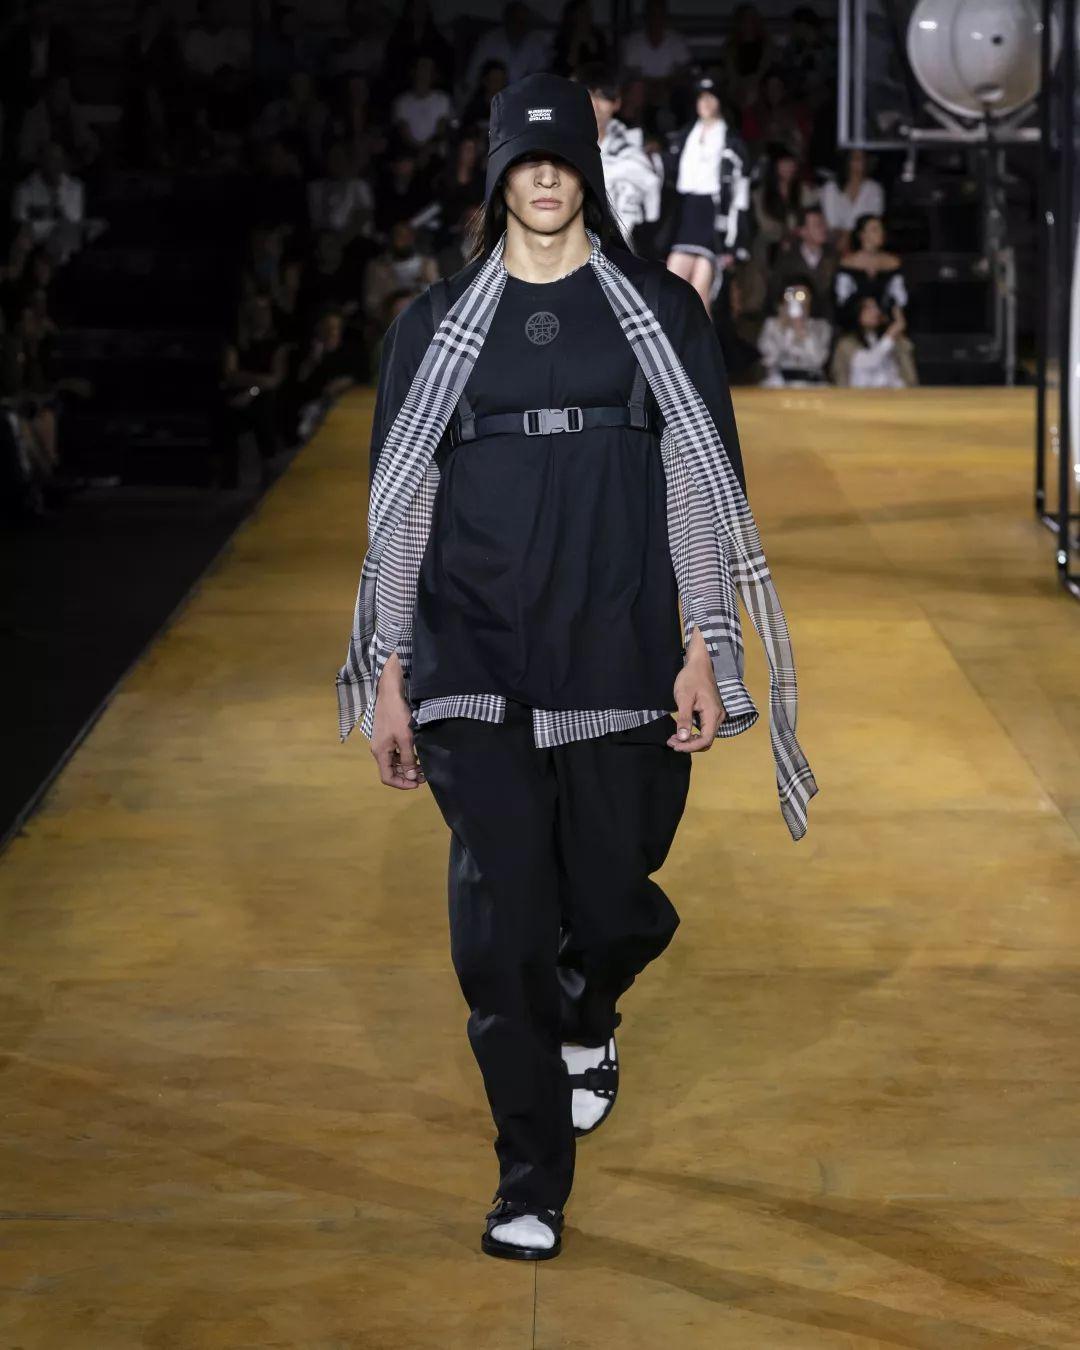 臻色调女装联营加盟,快时尚品牌集合店投资创业很轻松